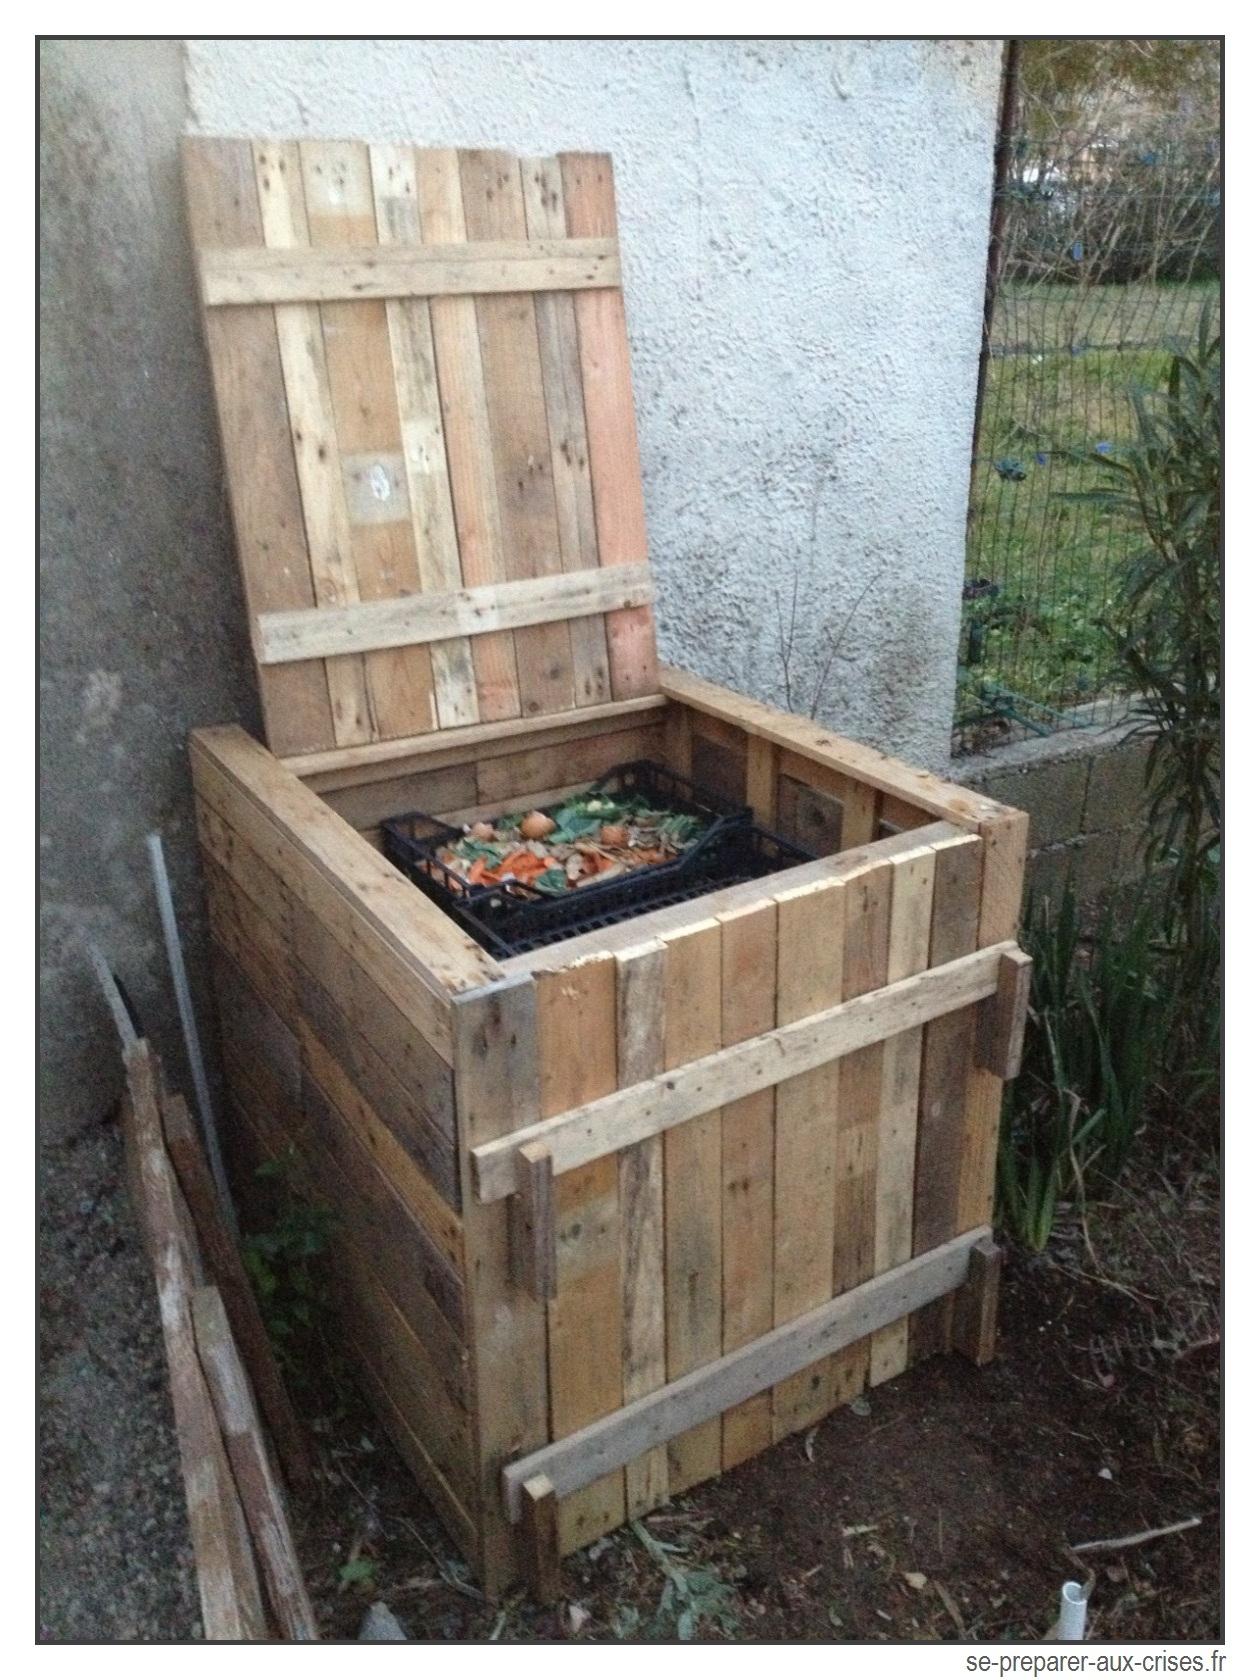 Construire Un Composteur Gratuit En Bois De Palette | Se ... dedans Construire Son Abri De Jardin En Palette